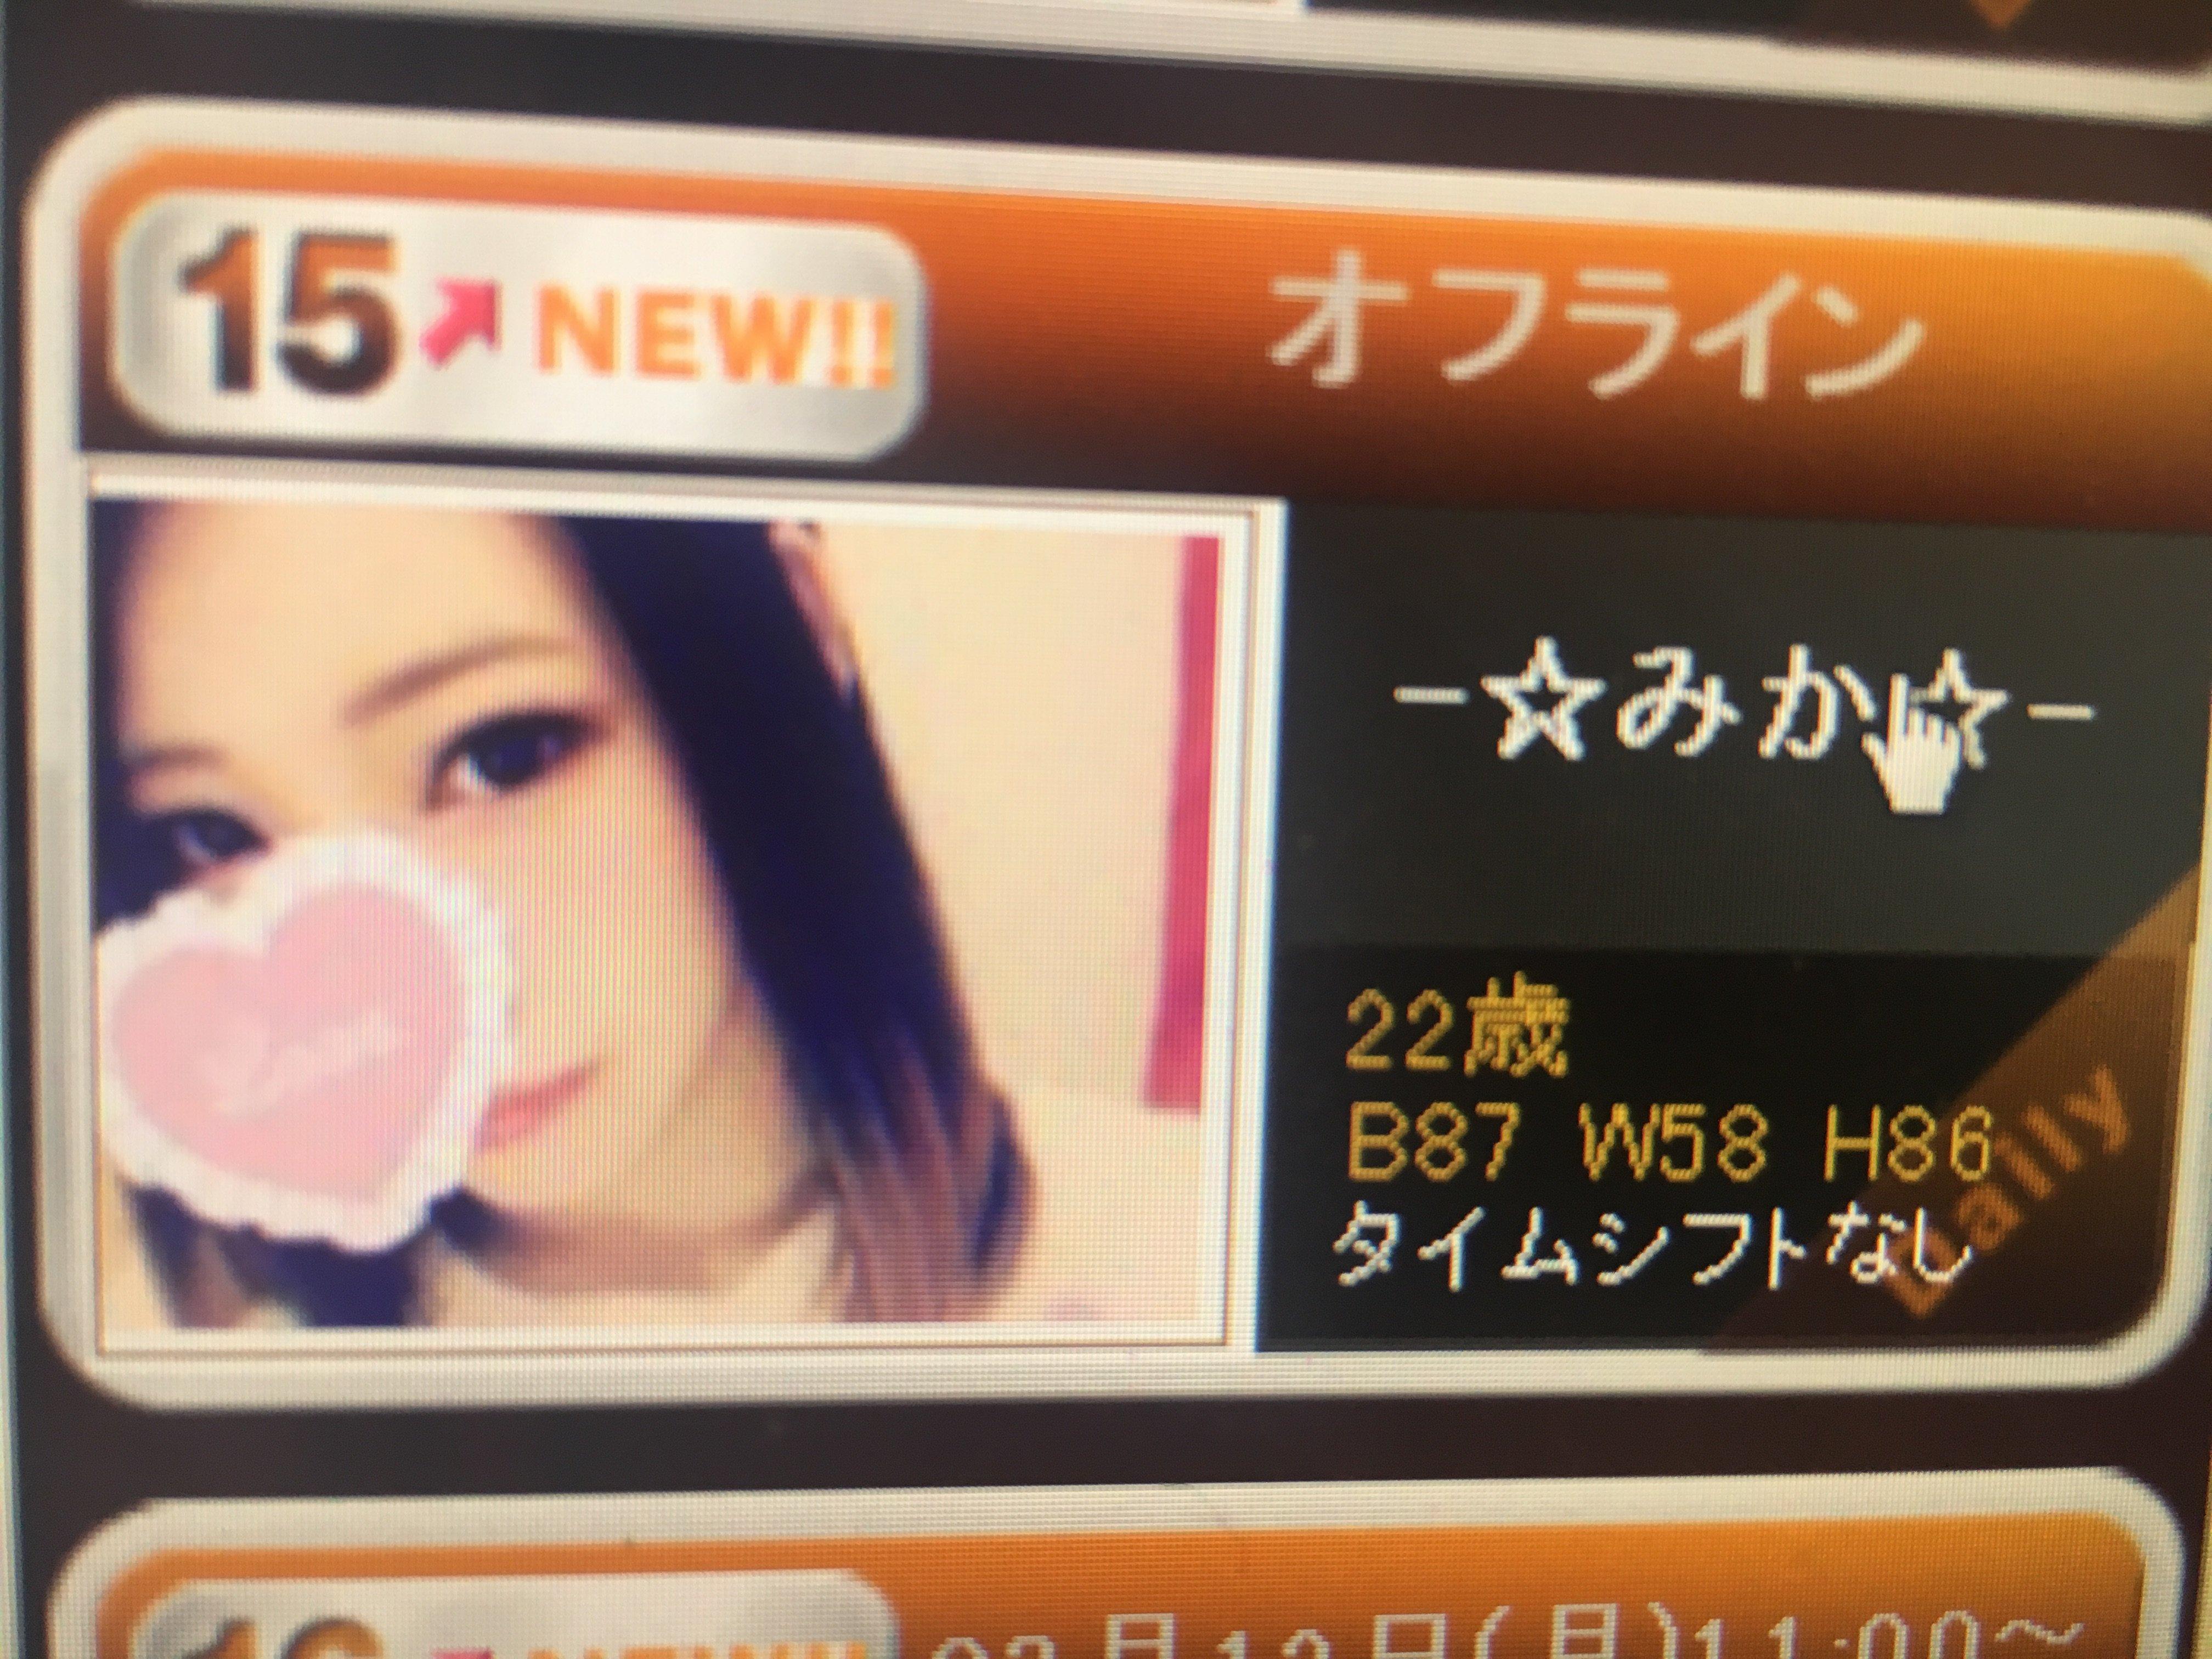 03/09のツイート画像